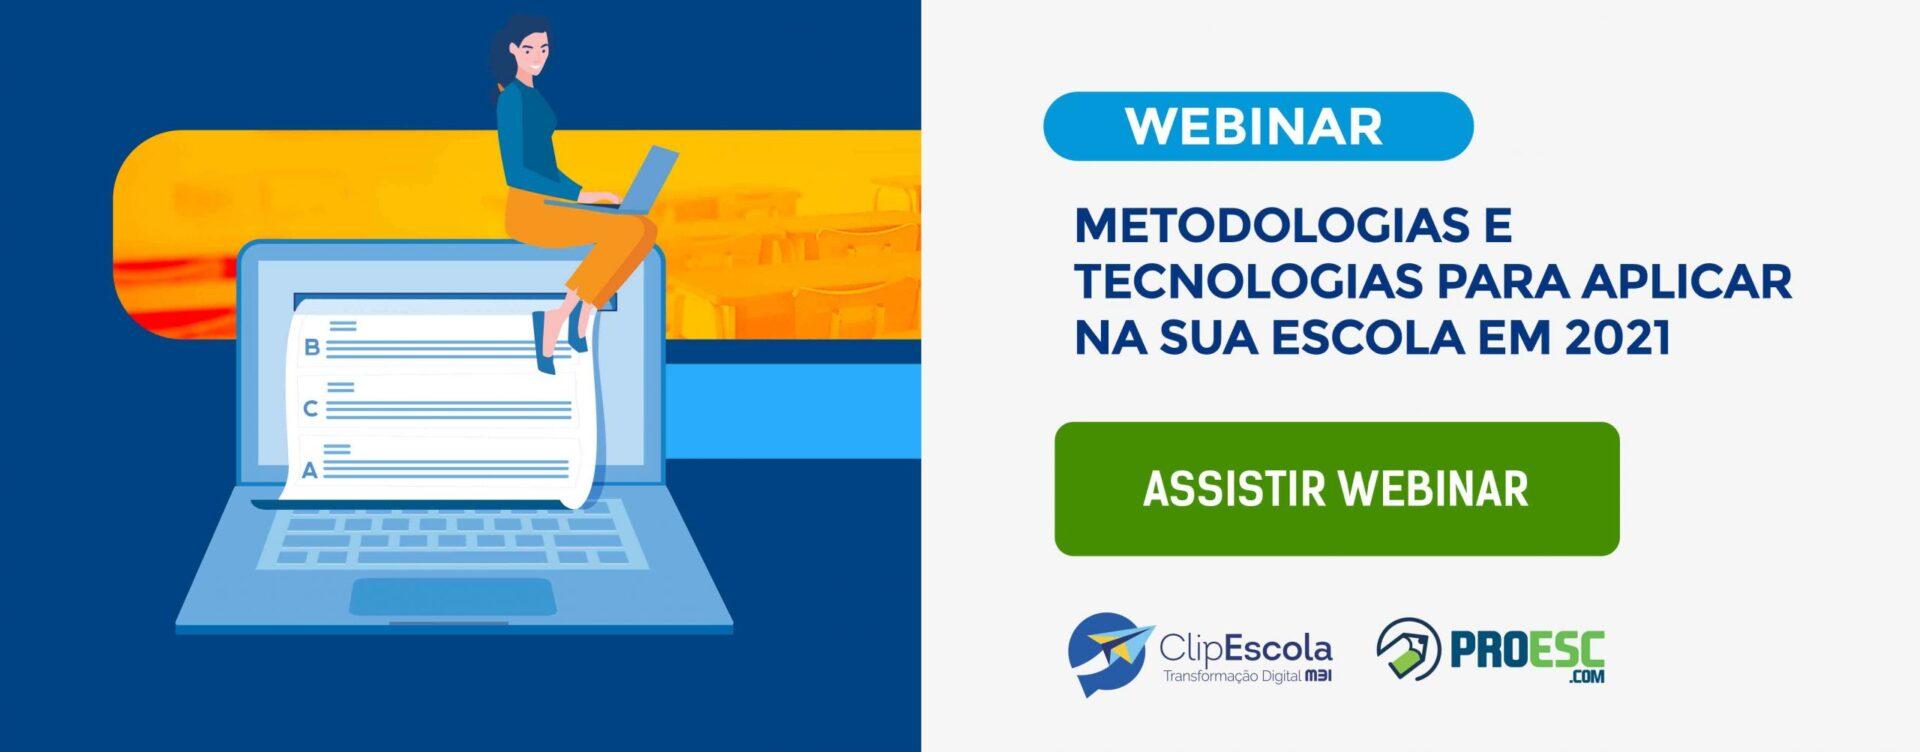 CTA_Webinar_Metodologias e Tecnologias para Aplicar na sua Escola em 2021